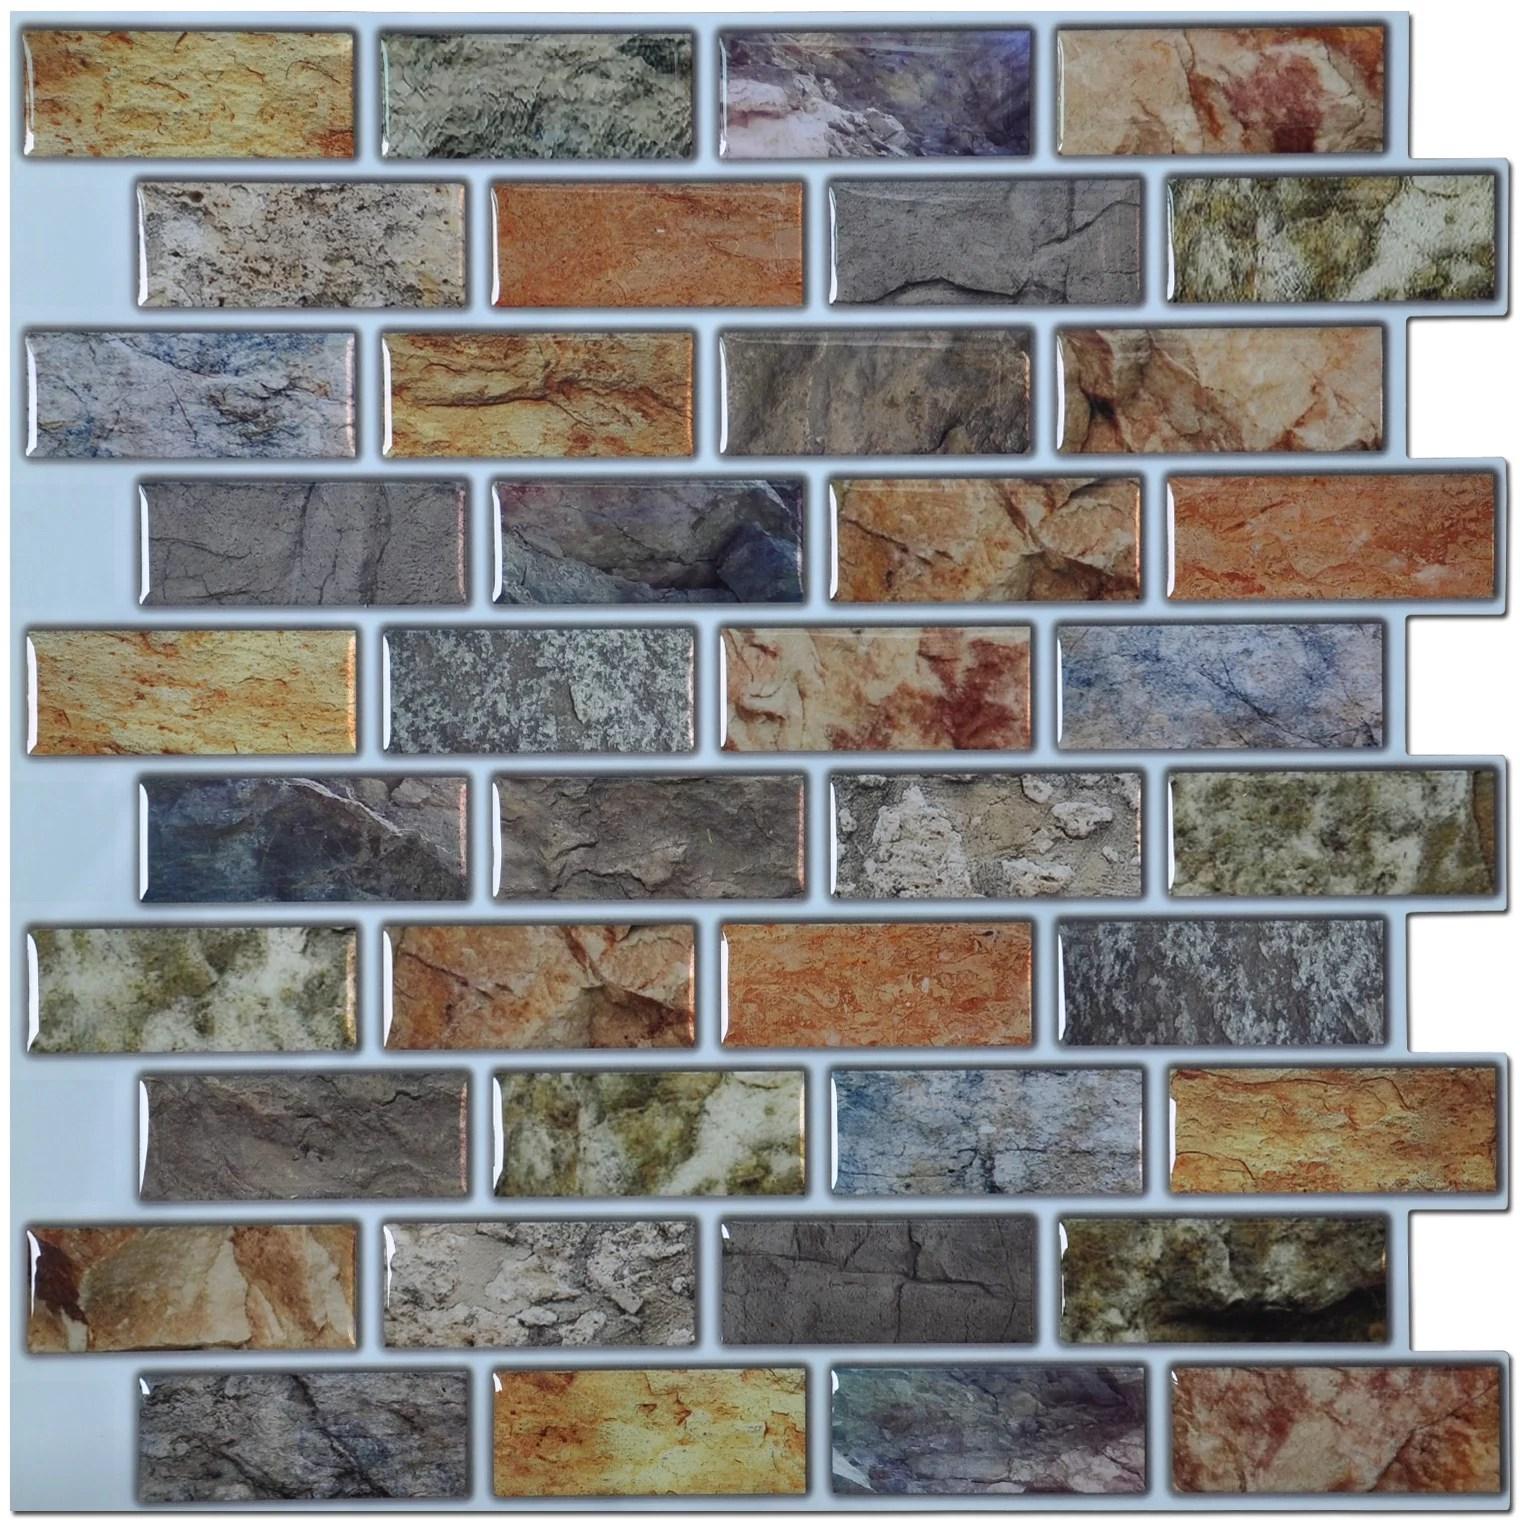 art3d 12 x 12 peel and stick backsplash tiles for kitchen backsplash bathroom backsplash walmart com